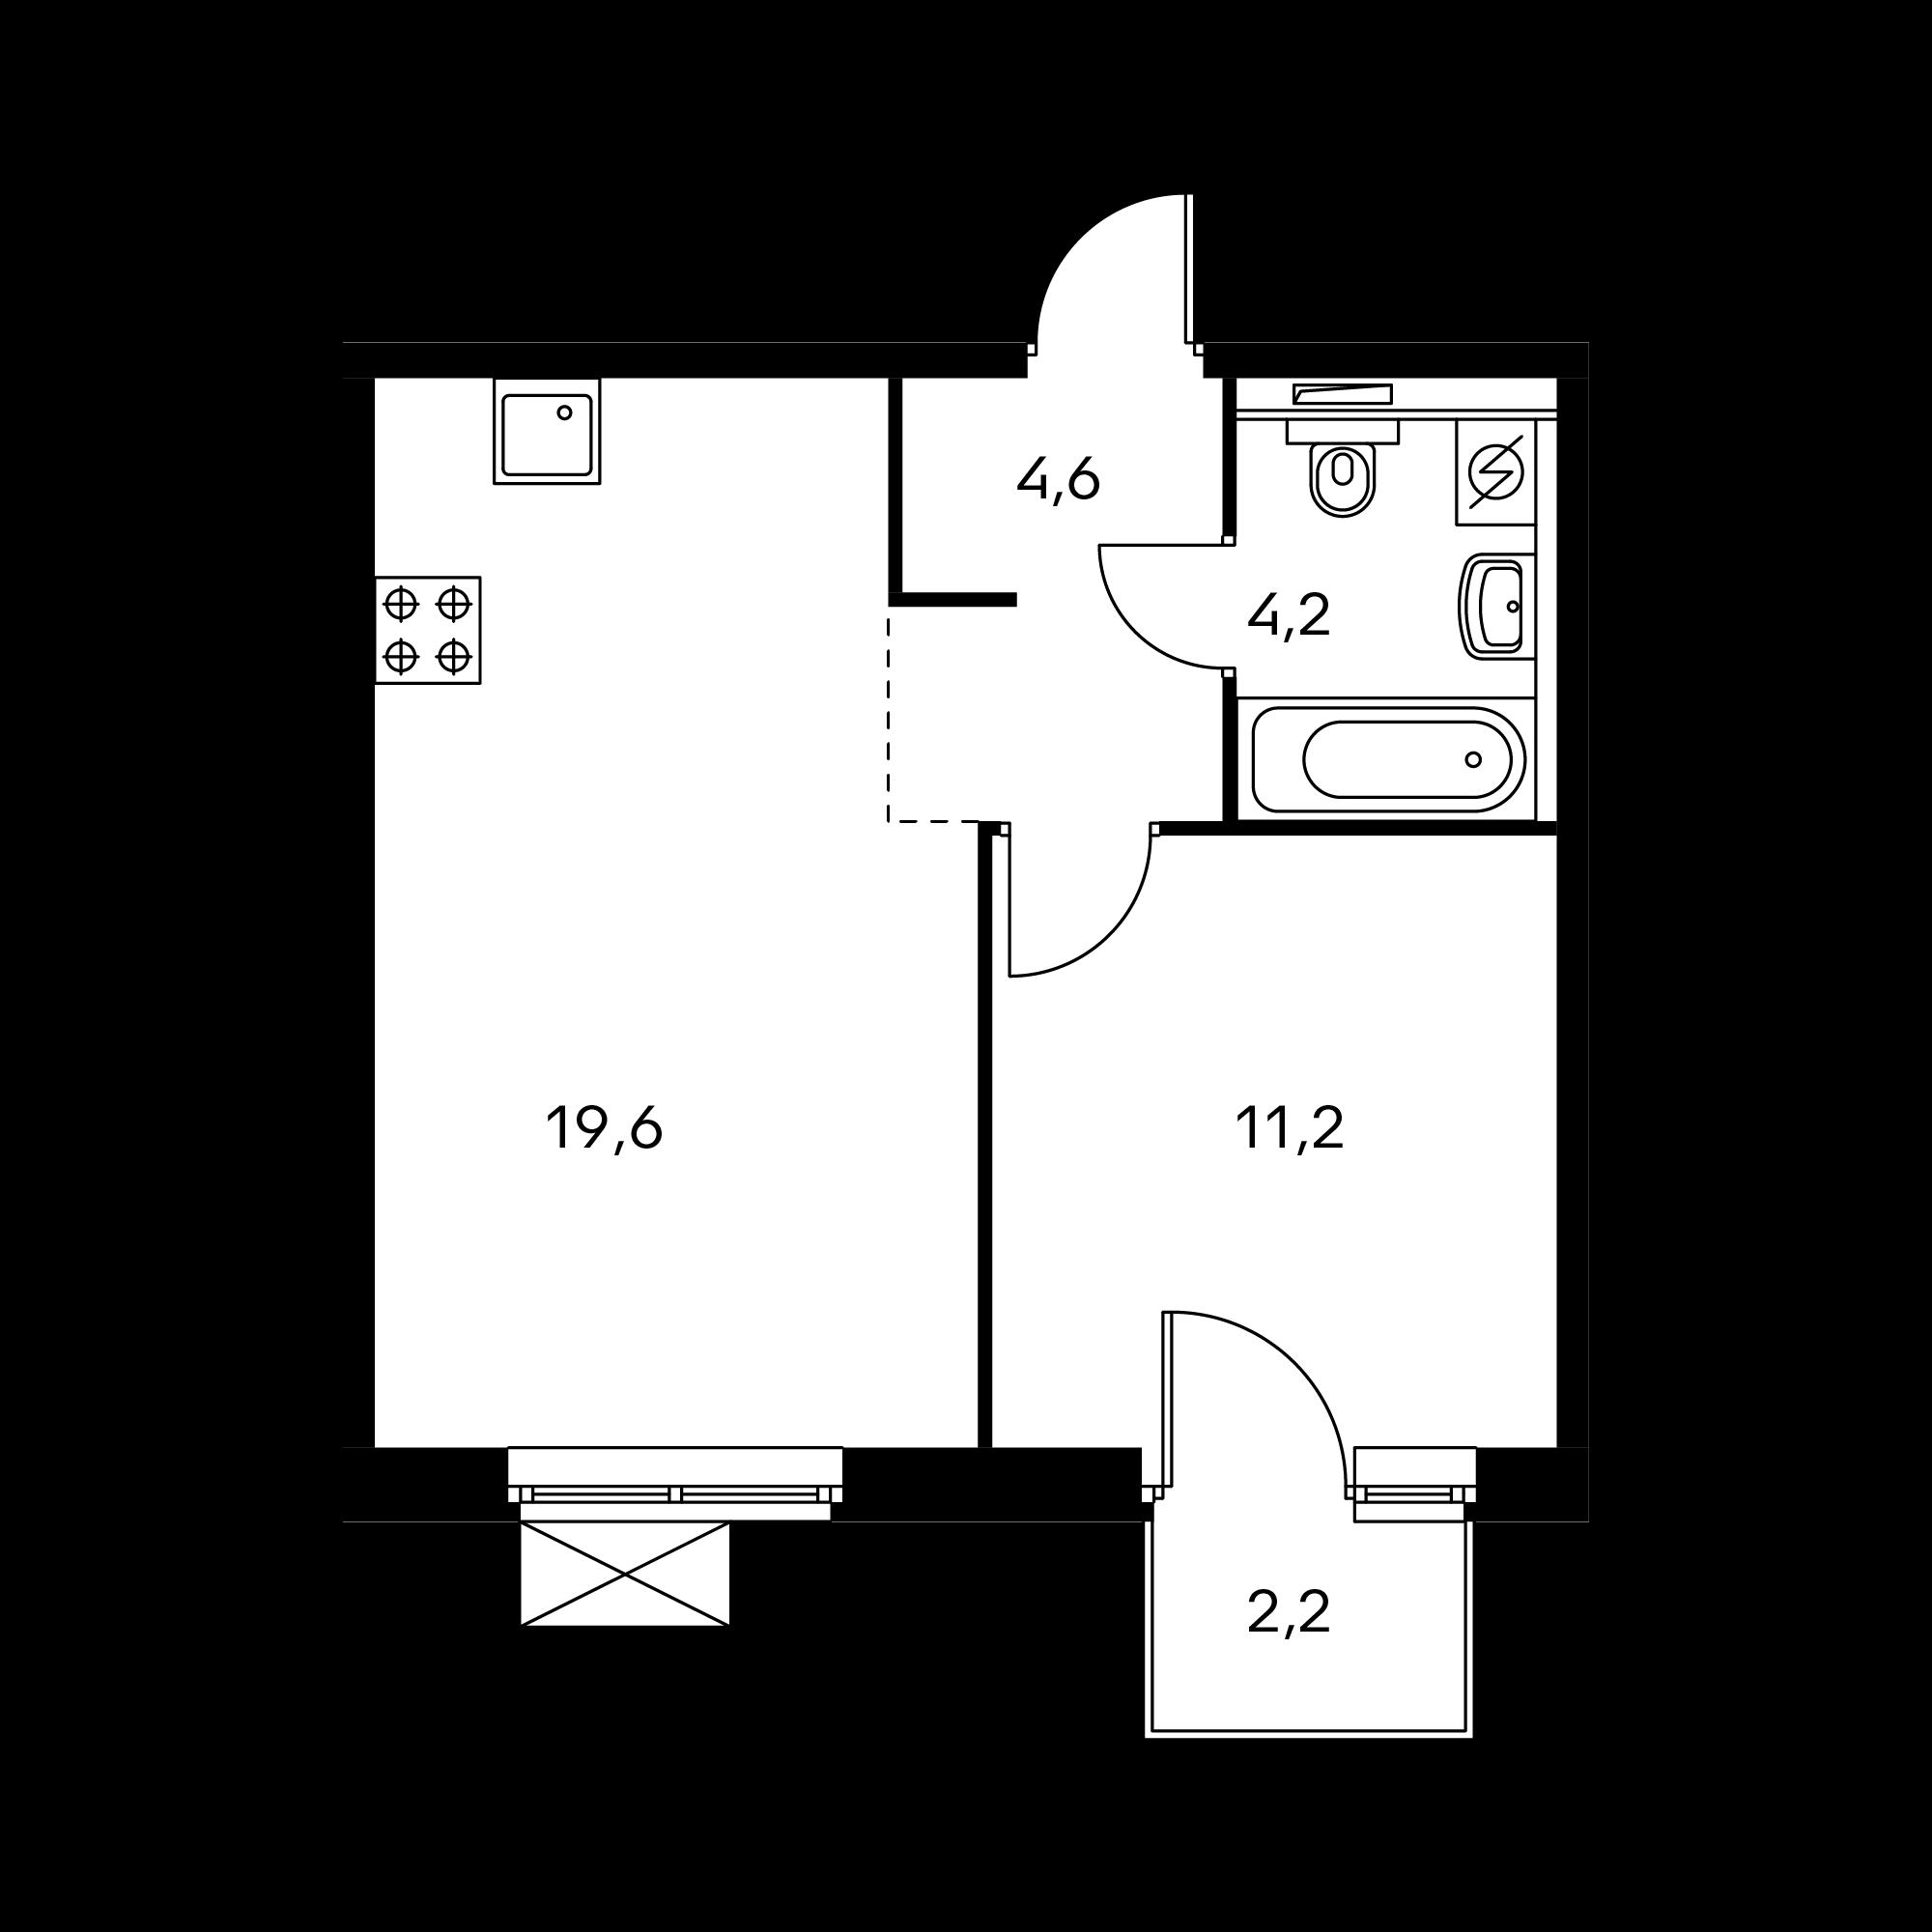 1EM3_6.9-1_B(2,2)